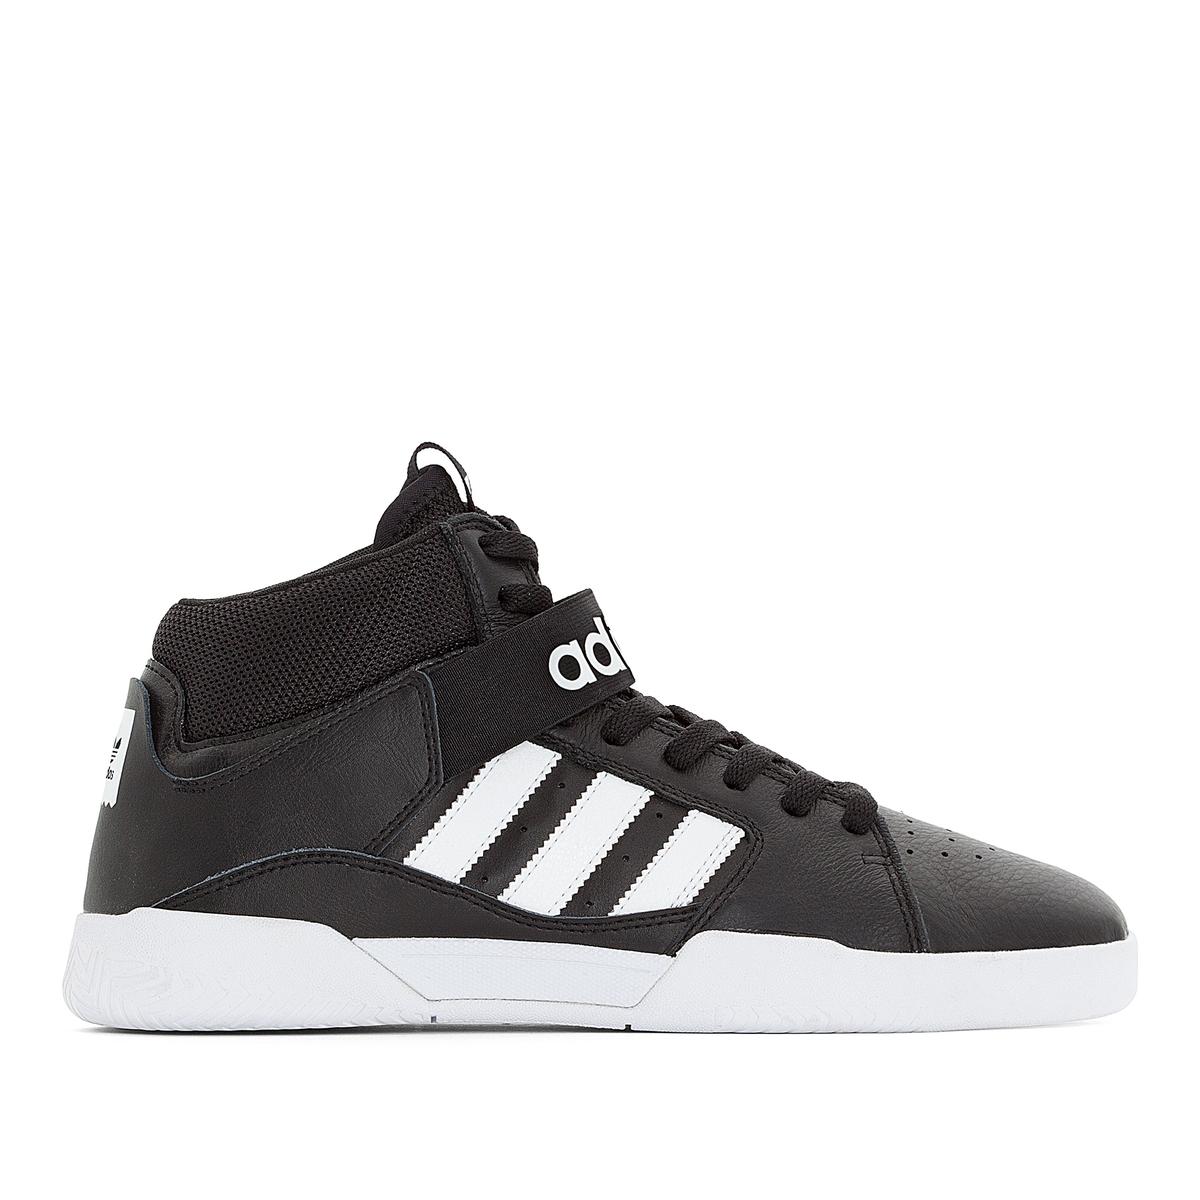 Schoenen Adidas Cup B41479 Heren Vrx Mid Sneakers Originals